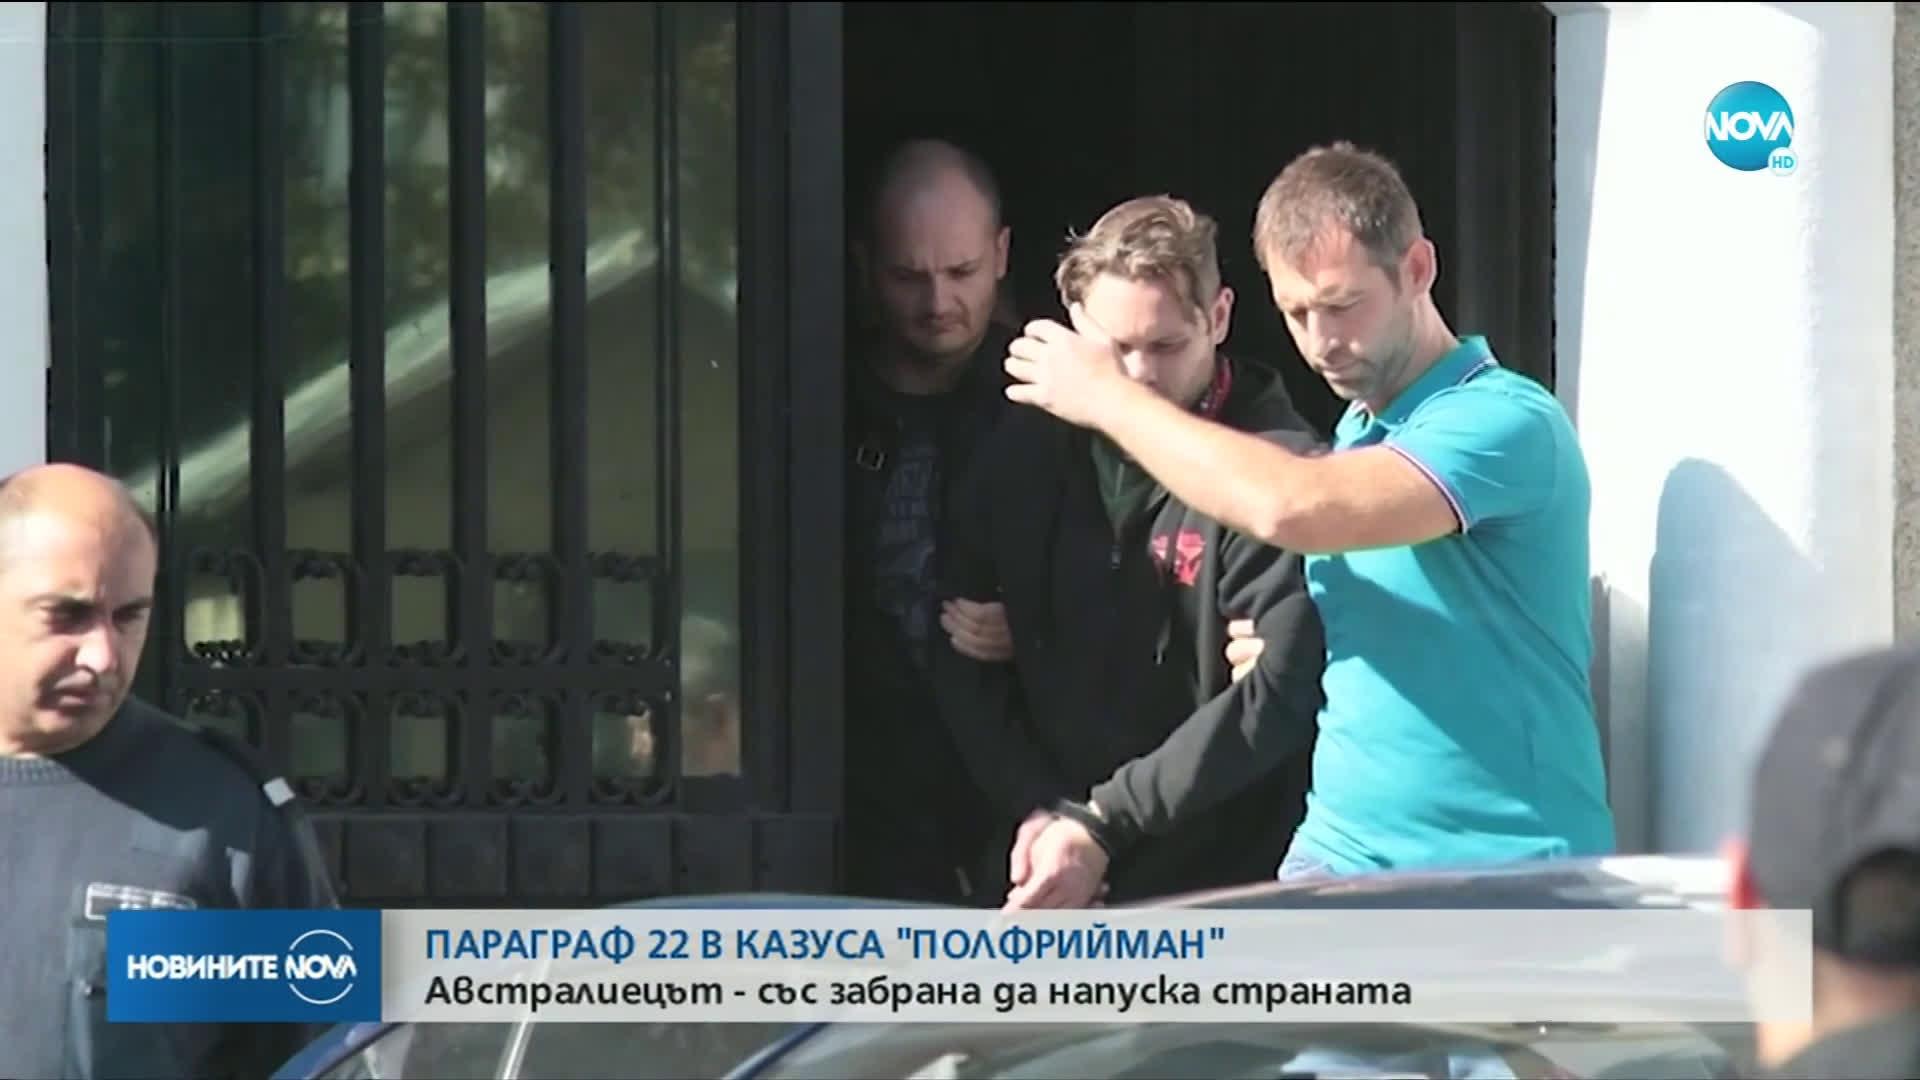 Джок Полфрийман има забрана да напуска България